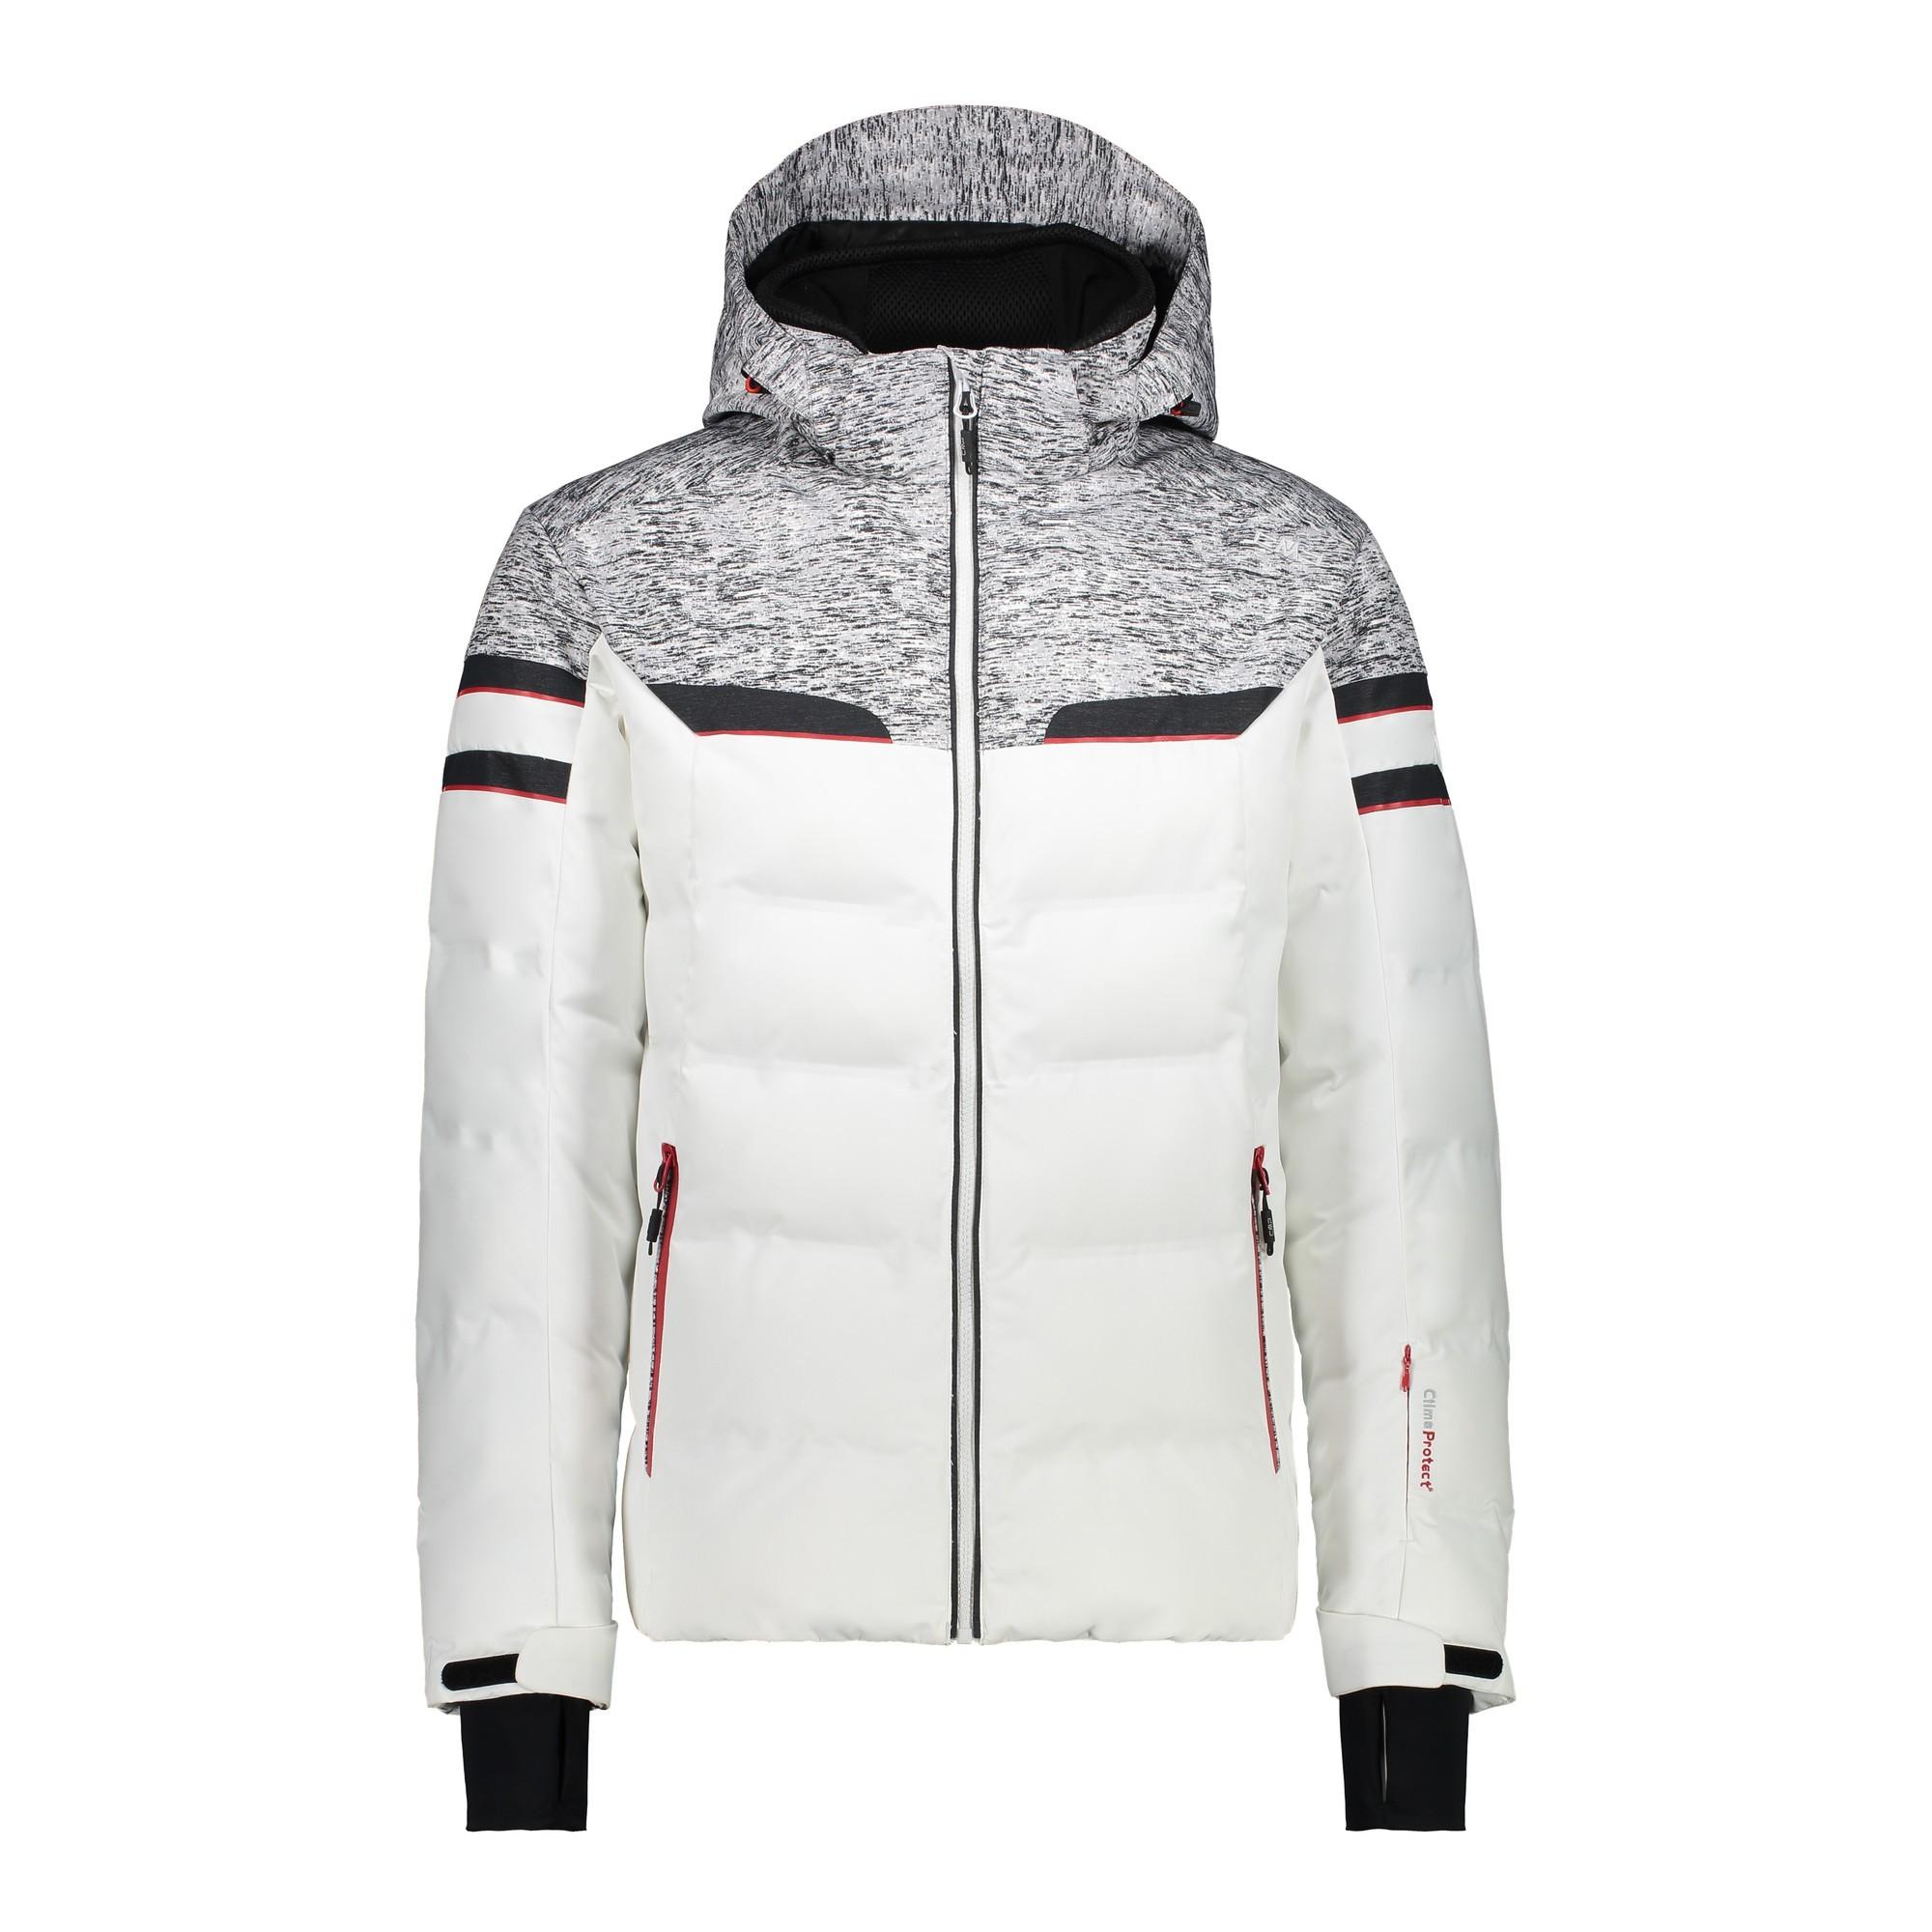 Afbeelding van CMP Man Jacket Zip Hood 38W0567 Winterjas Heren Bianco 50